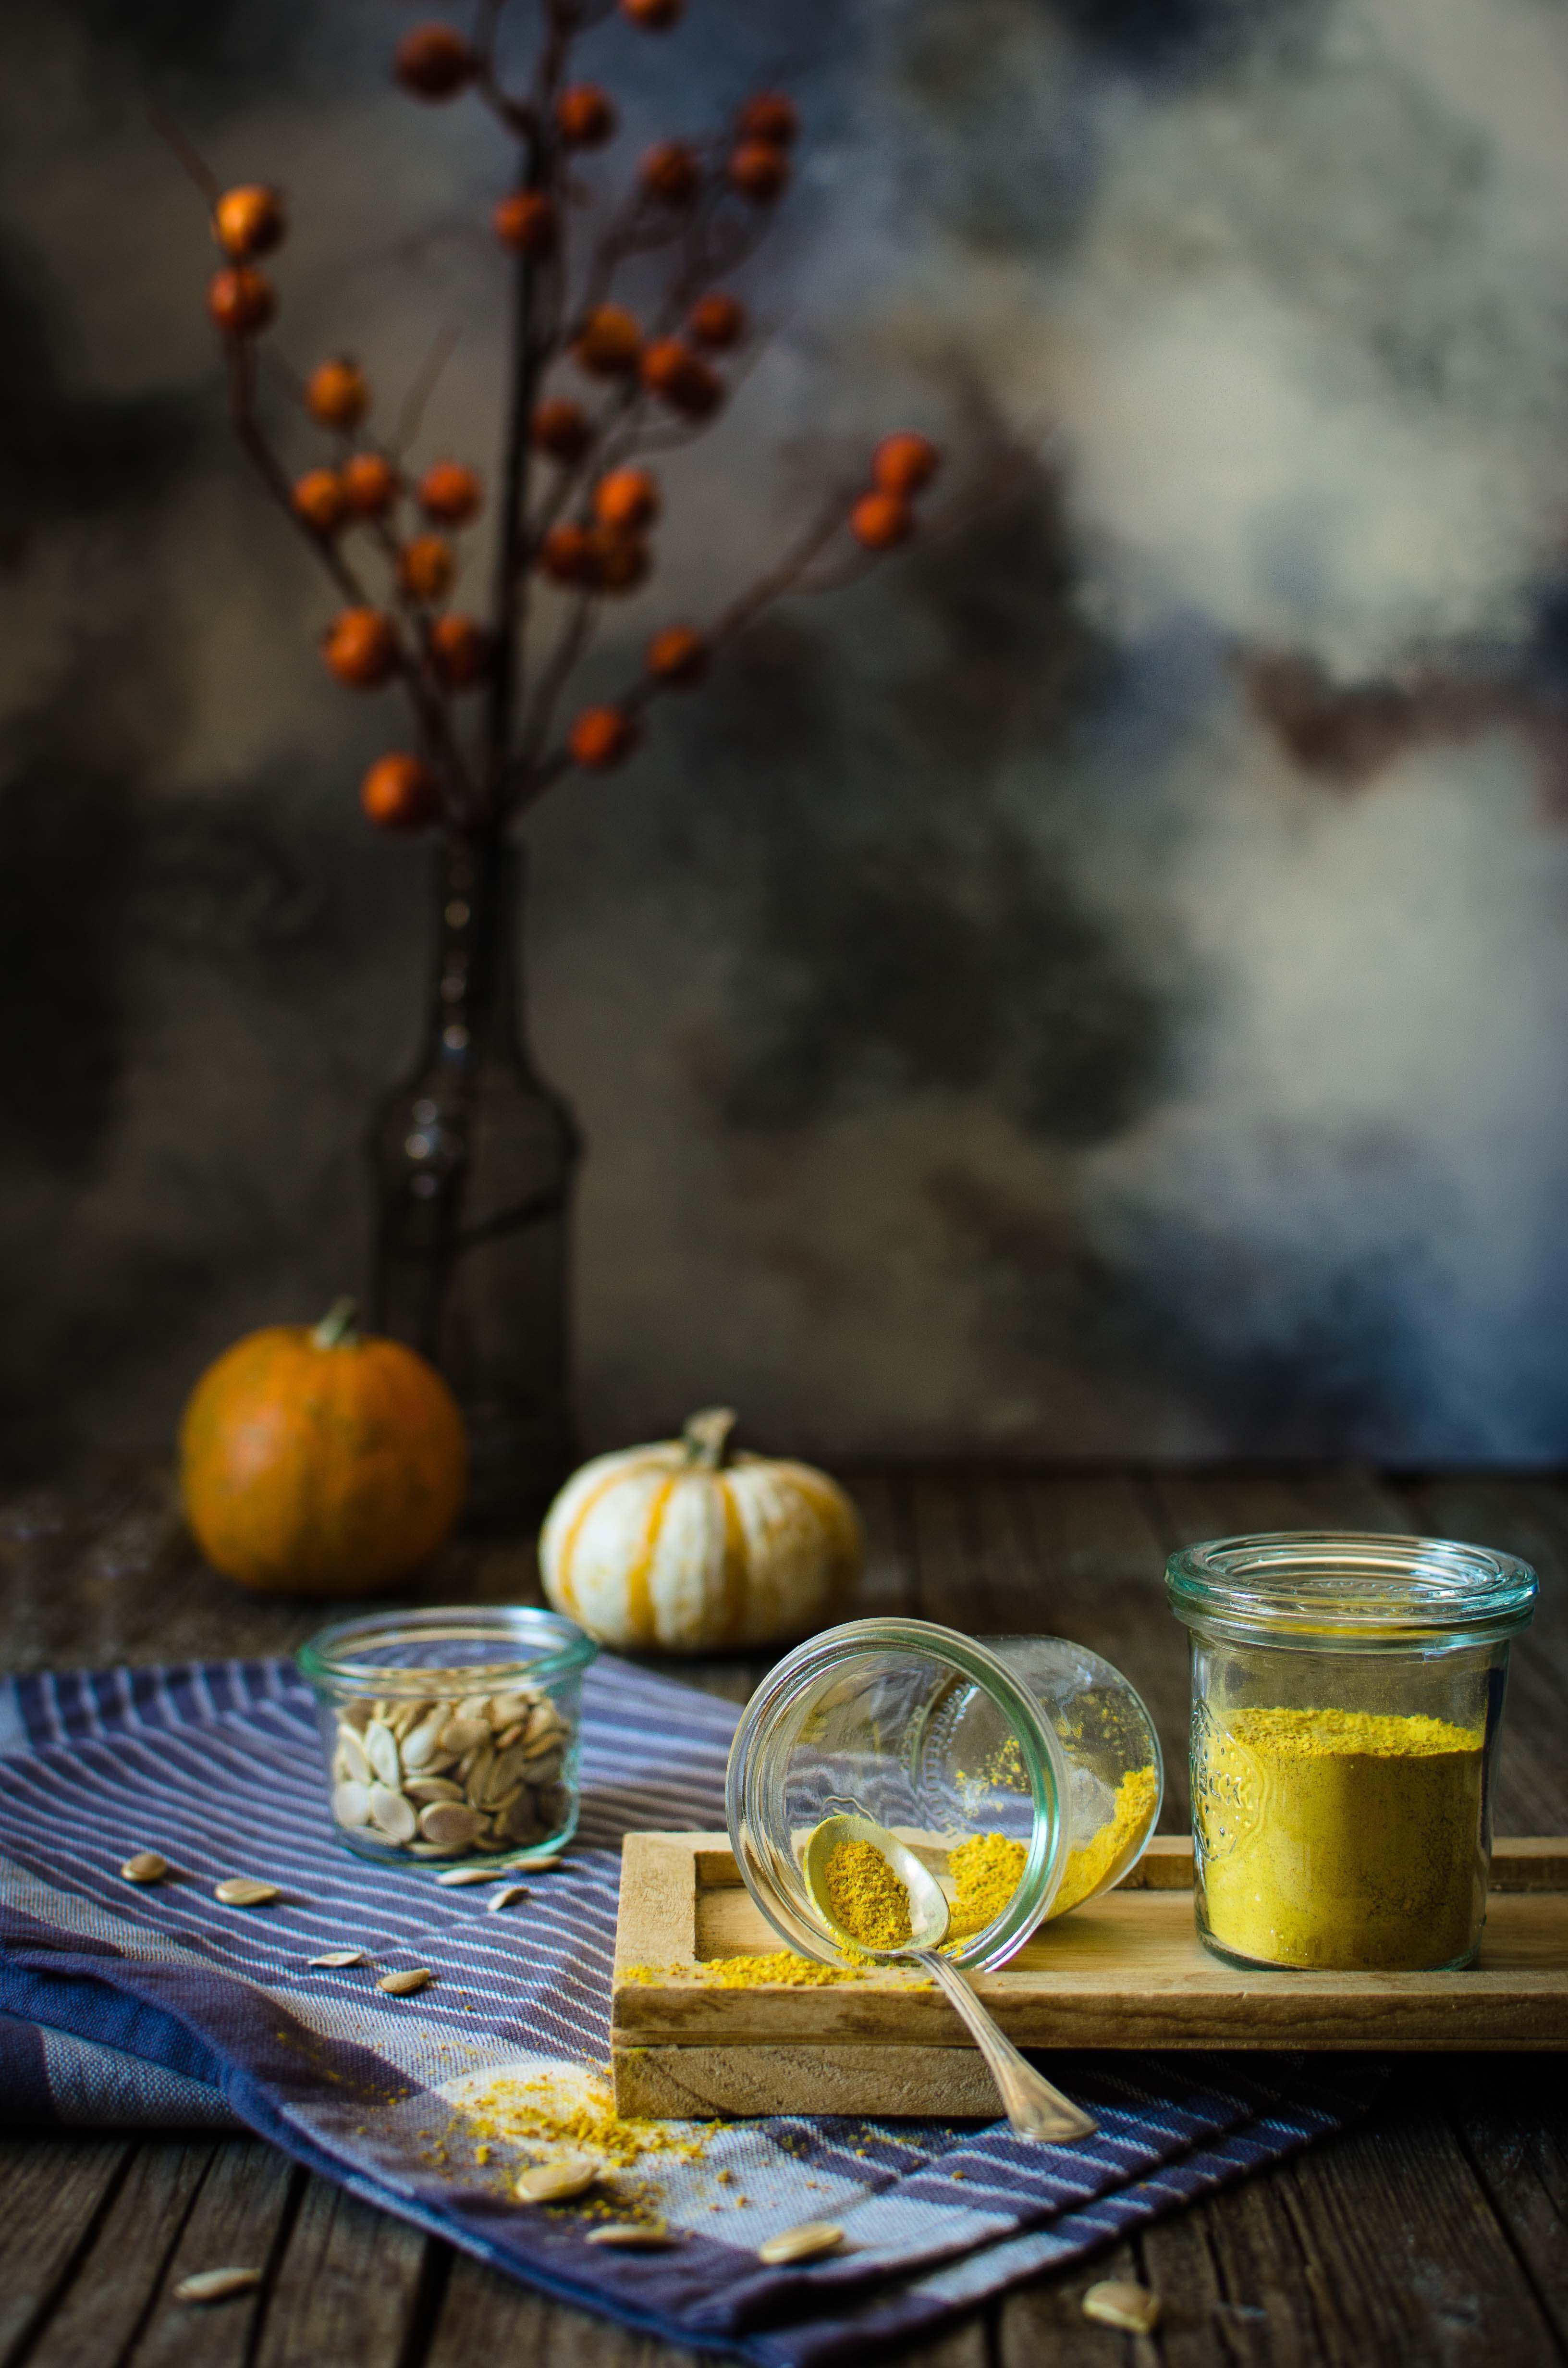 polvere-zucca-essiccata Plum cake con crumble alla zucca e spezie